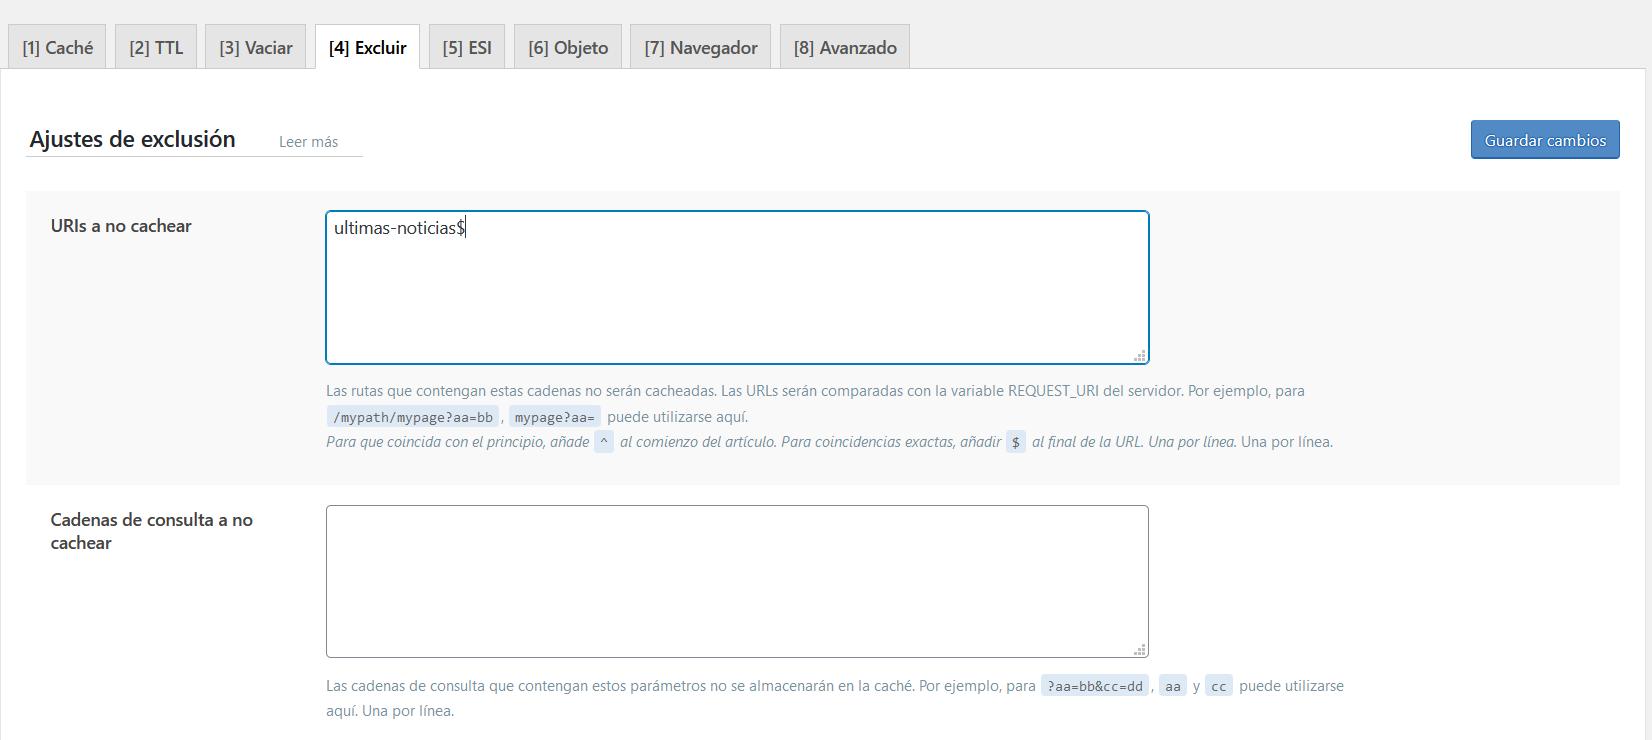 Ajustes de exclusión de contenido en LiteSpeed Cache for WordPress